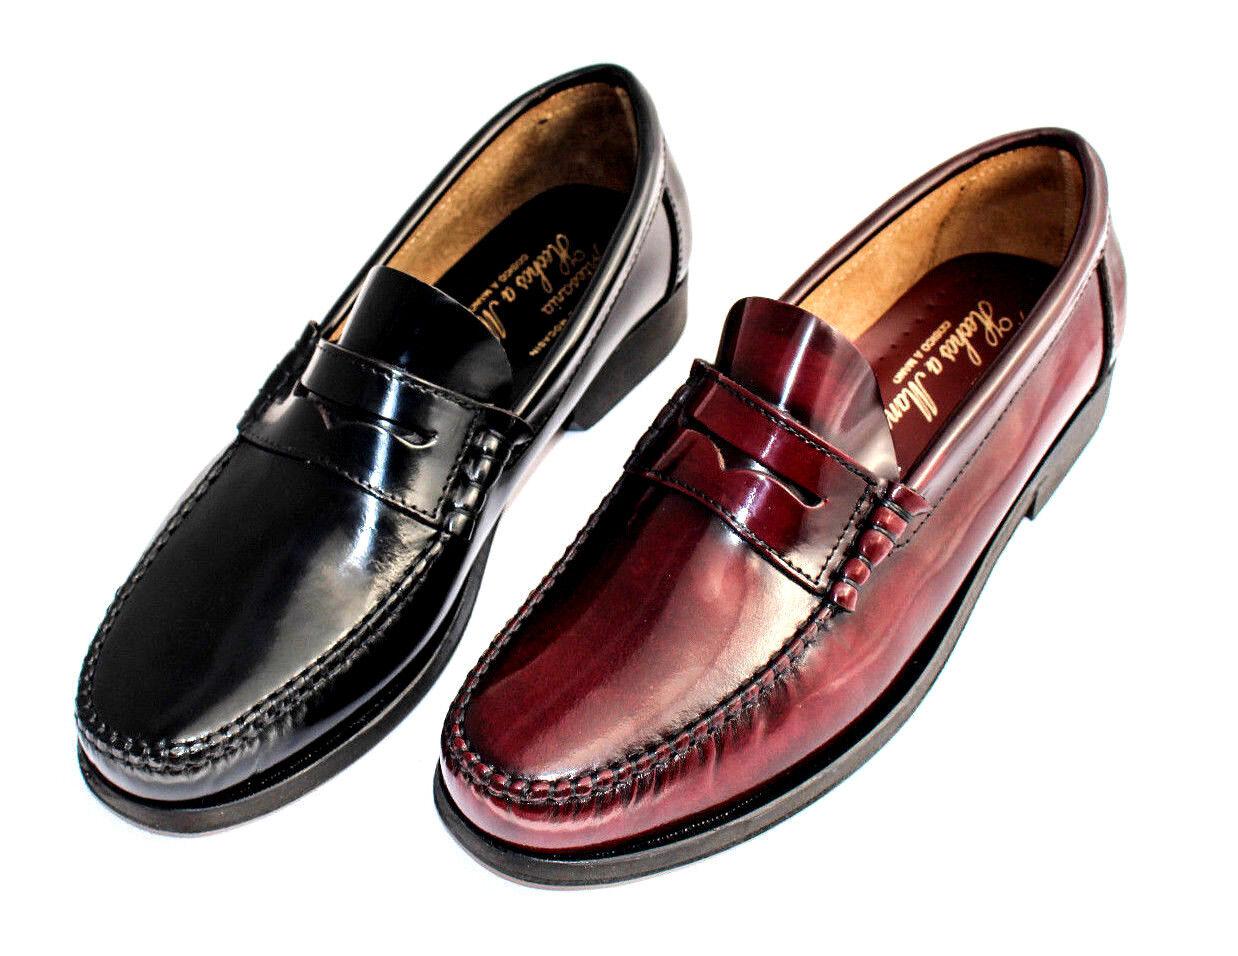 Herren Loafer Leder Schuhe Castellanos Penny Loafer Herren Handmade Leather Shoes Mokassins 36ead3